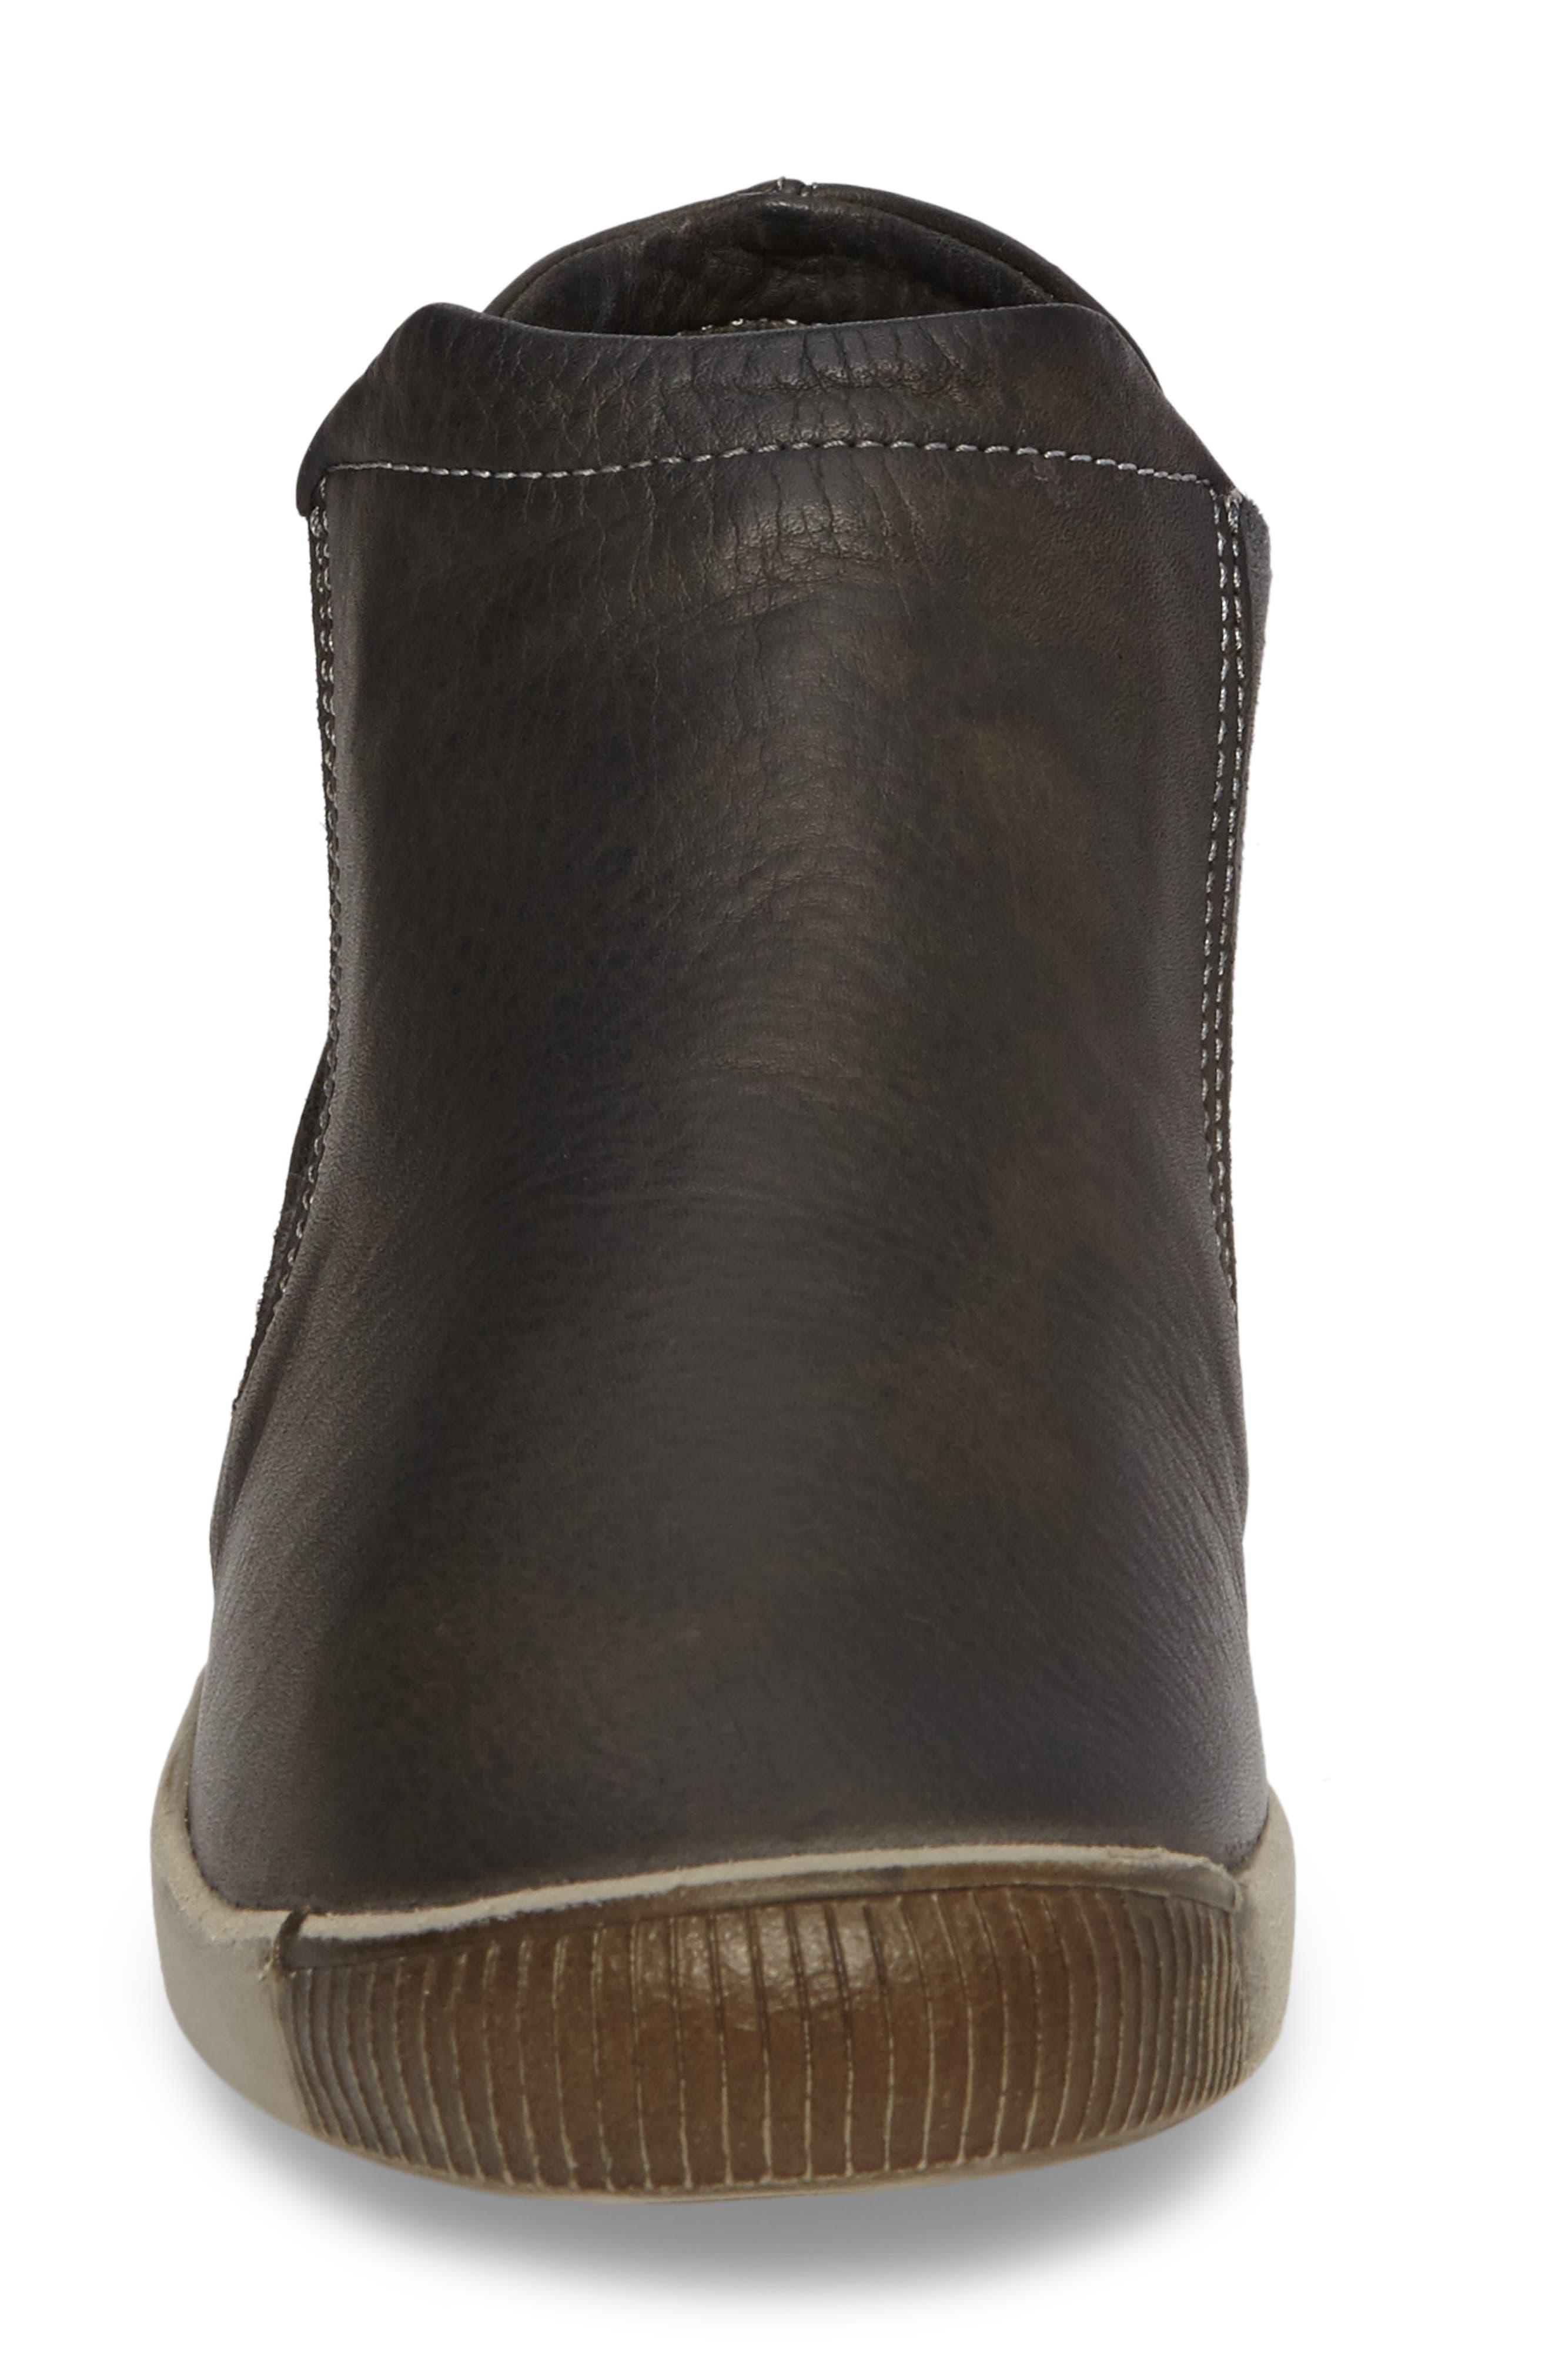 Inge Slip-On Sneaker,                             Alternate thumbnail 4, color,                             Military Leather